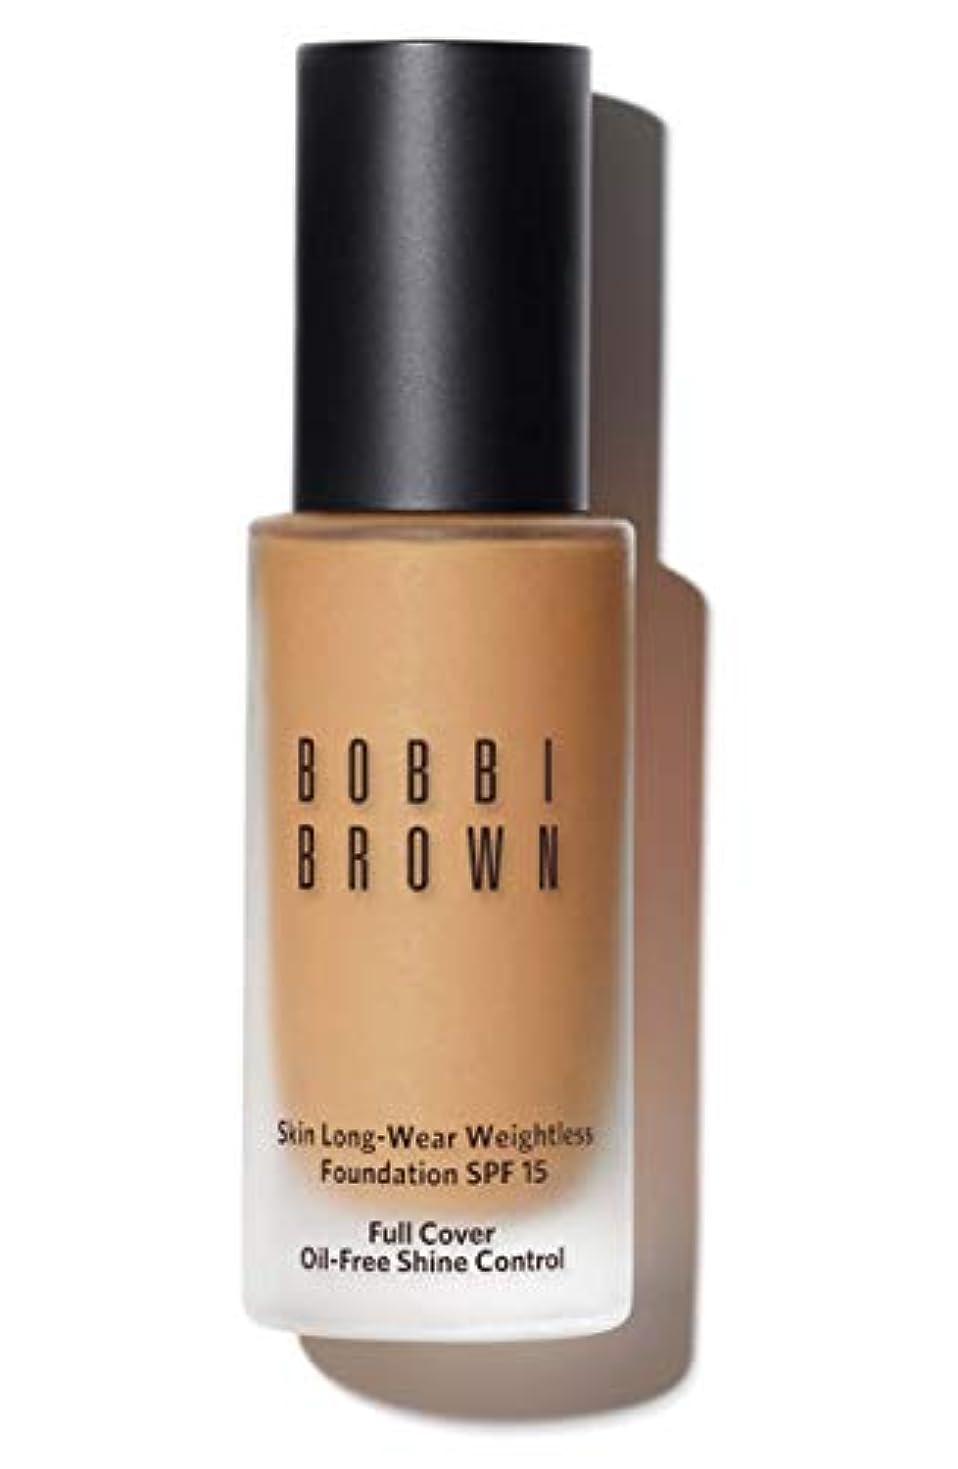 塩セレナ主観的ボビイ ブラウン Skin Long Wear Weightless Foundation SPF 15 - # Beige 30ml/1oz並行輸入品